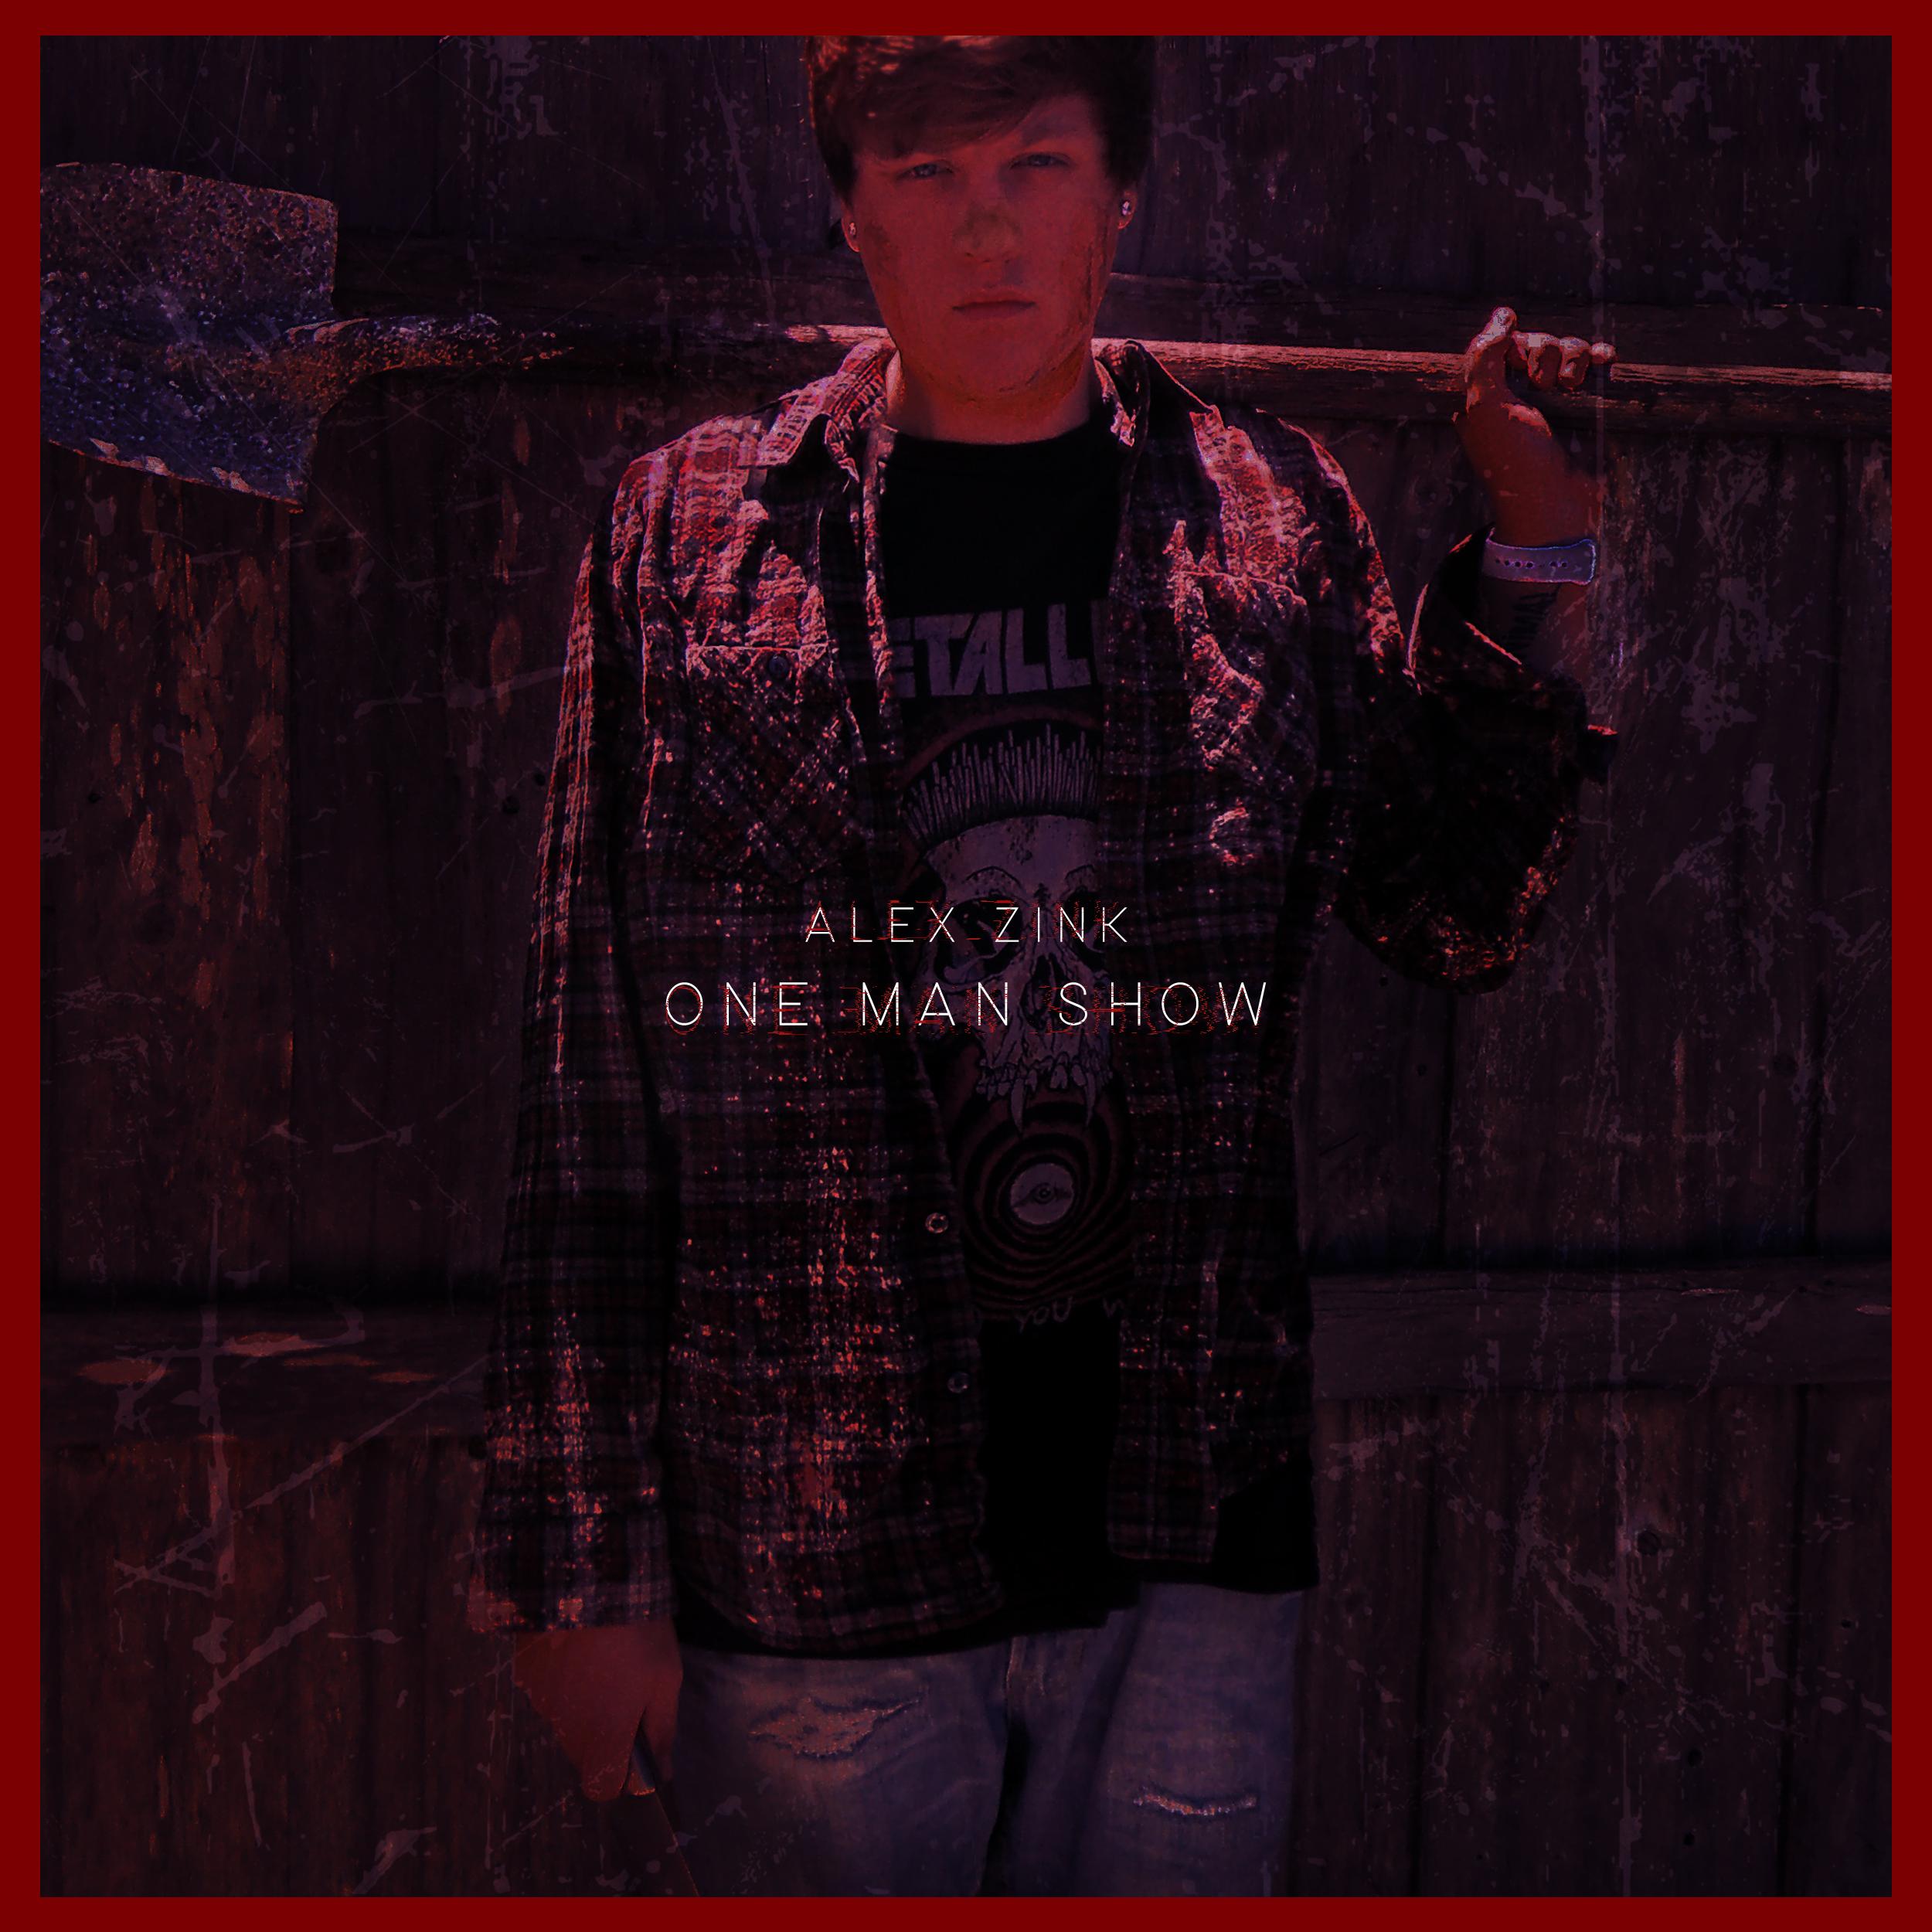 One Man Show - Alex Zink